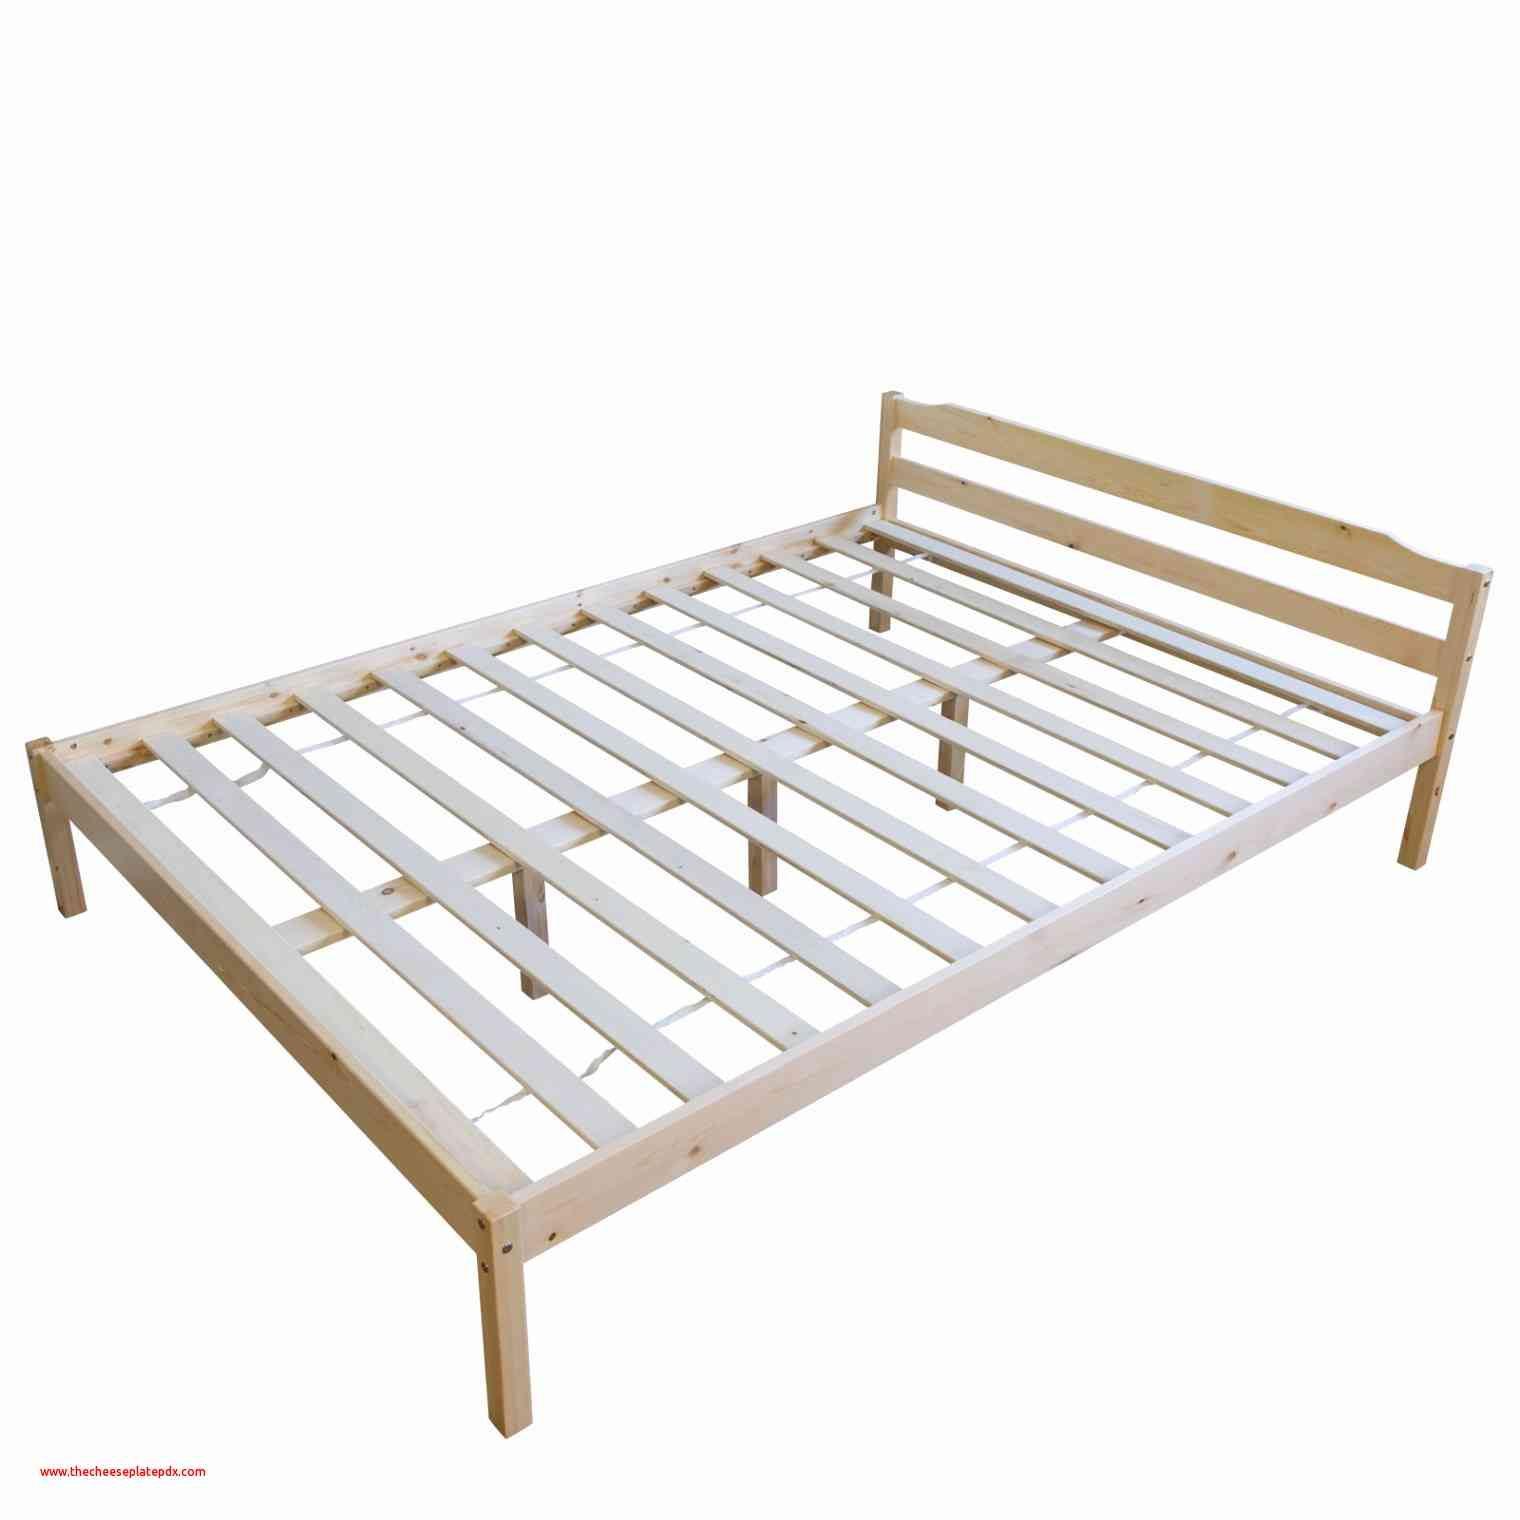 Ikea Lit 160 Frais to Bett 160×200 Ikea It S